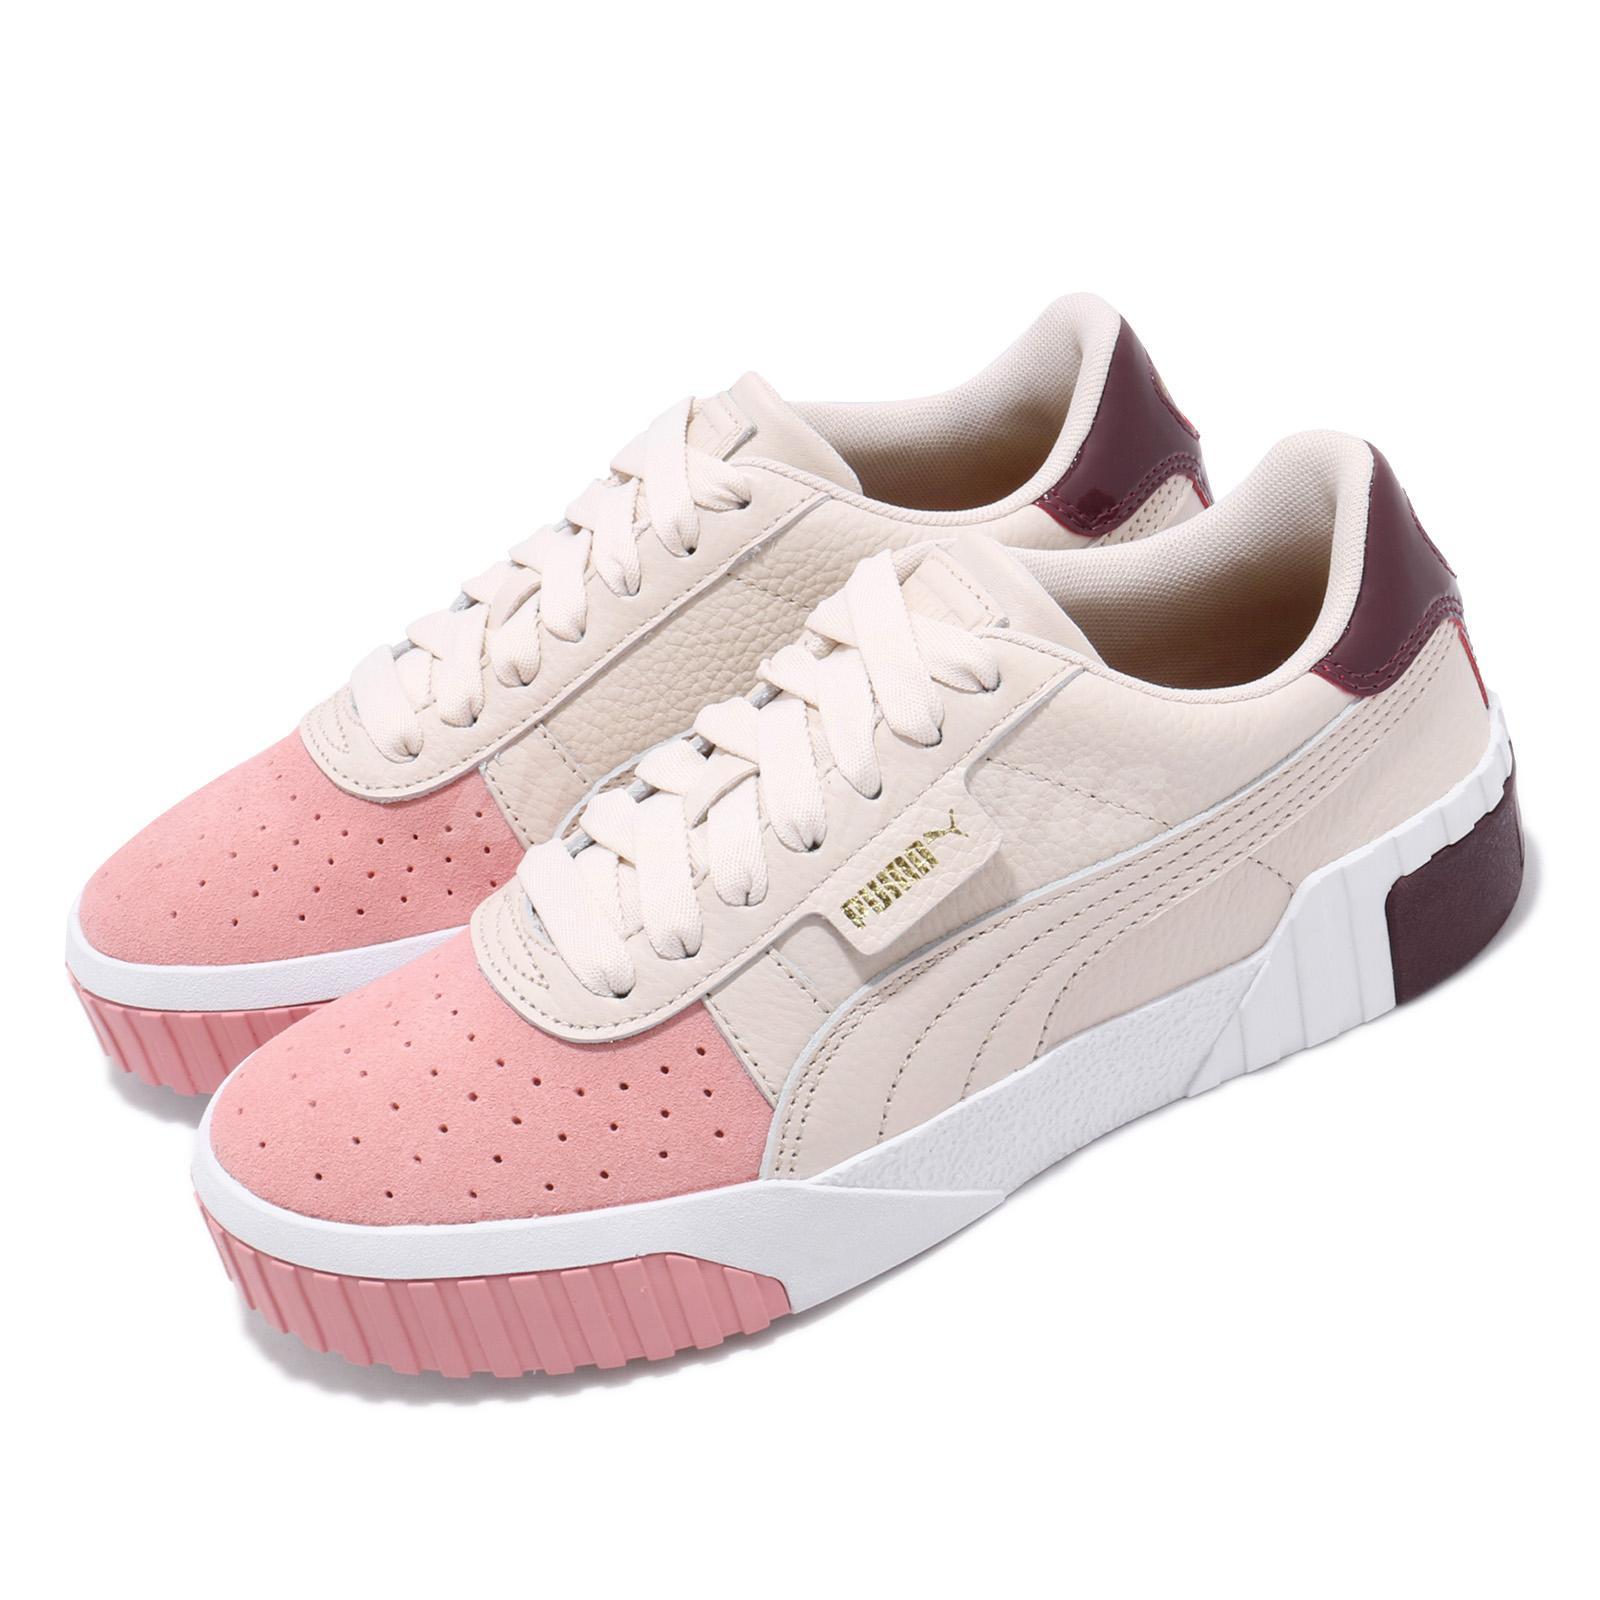 Details about Puma Cali Remix Wns Pastel Parchment Bridal Rose Women Casual Shoes 369968 01